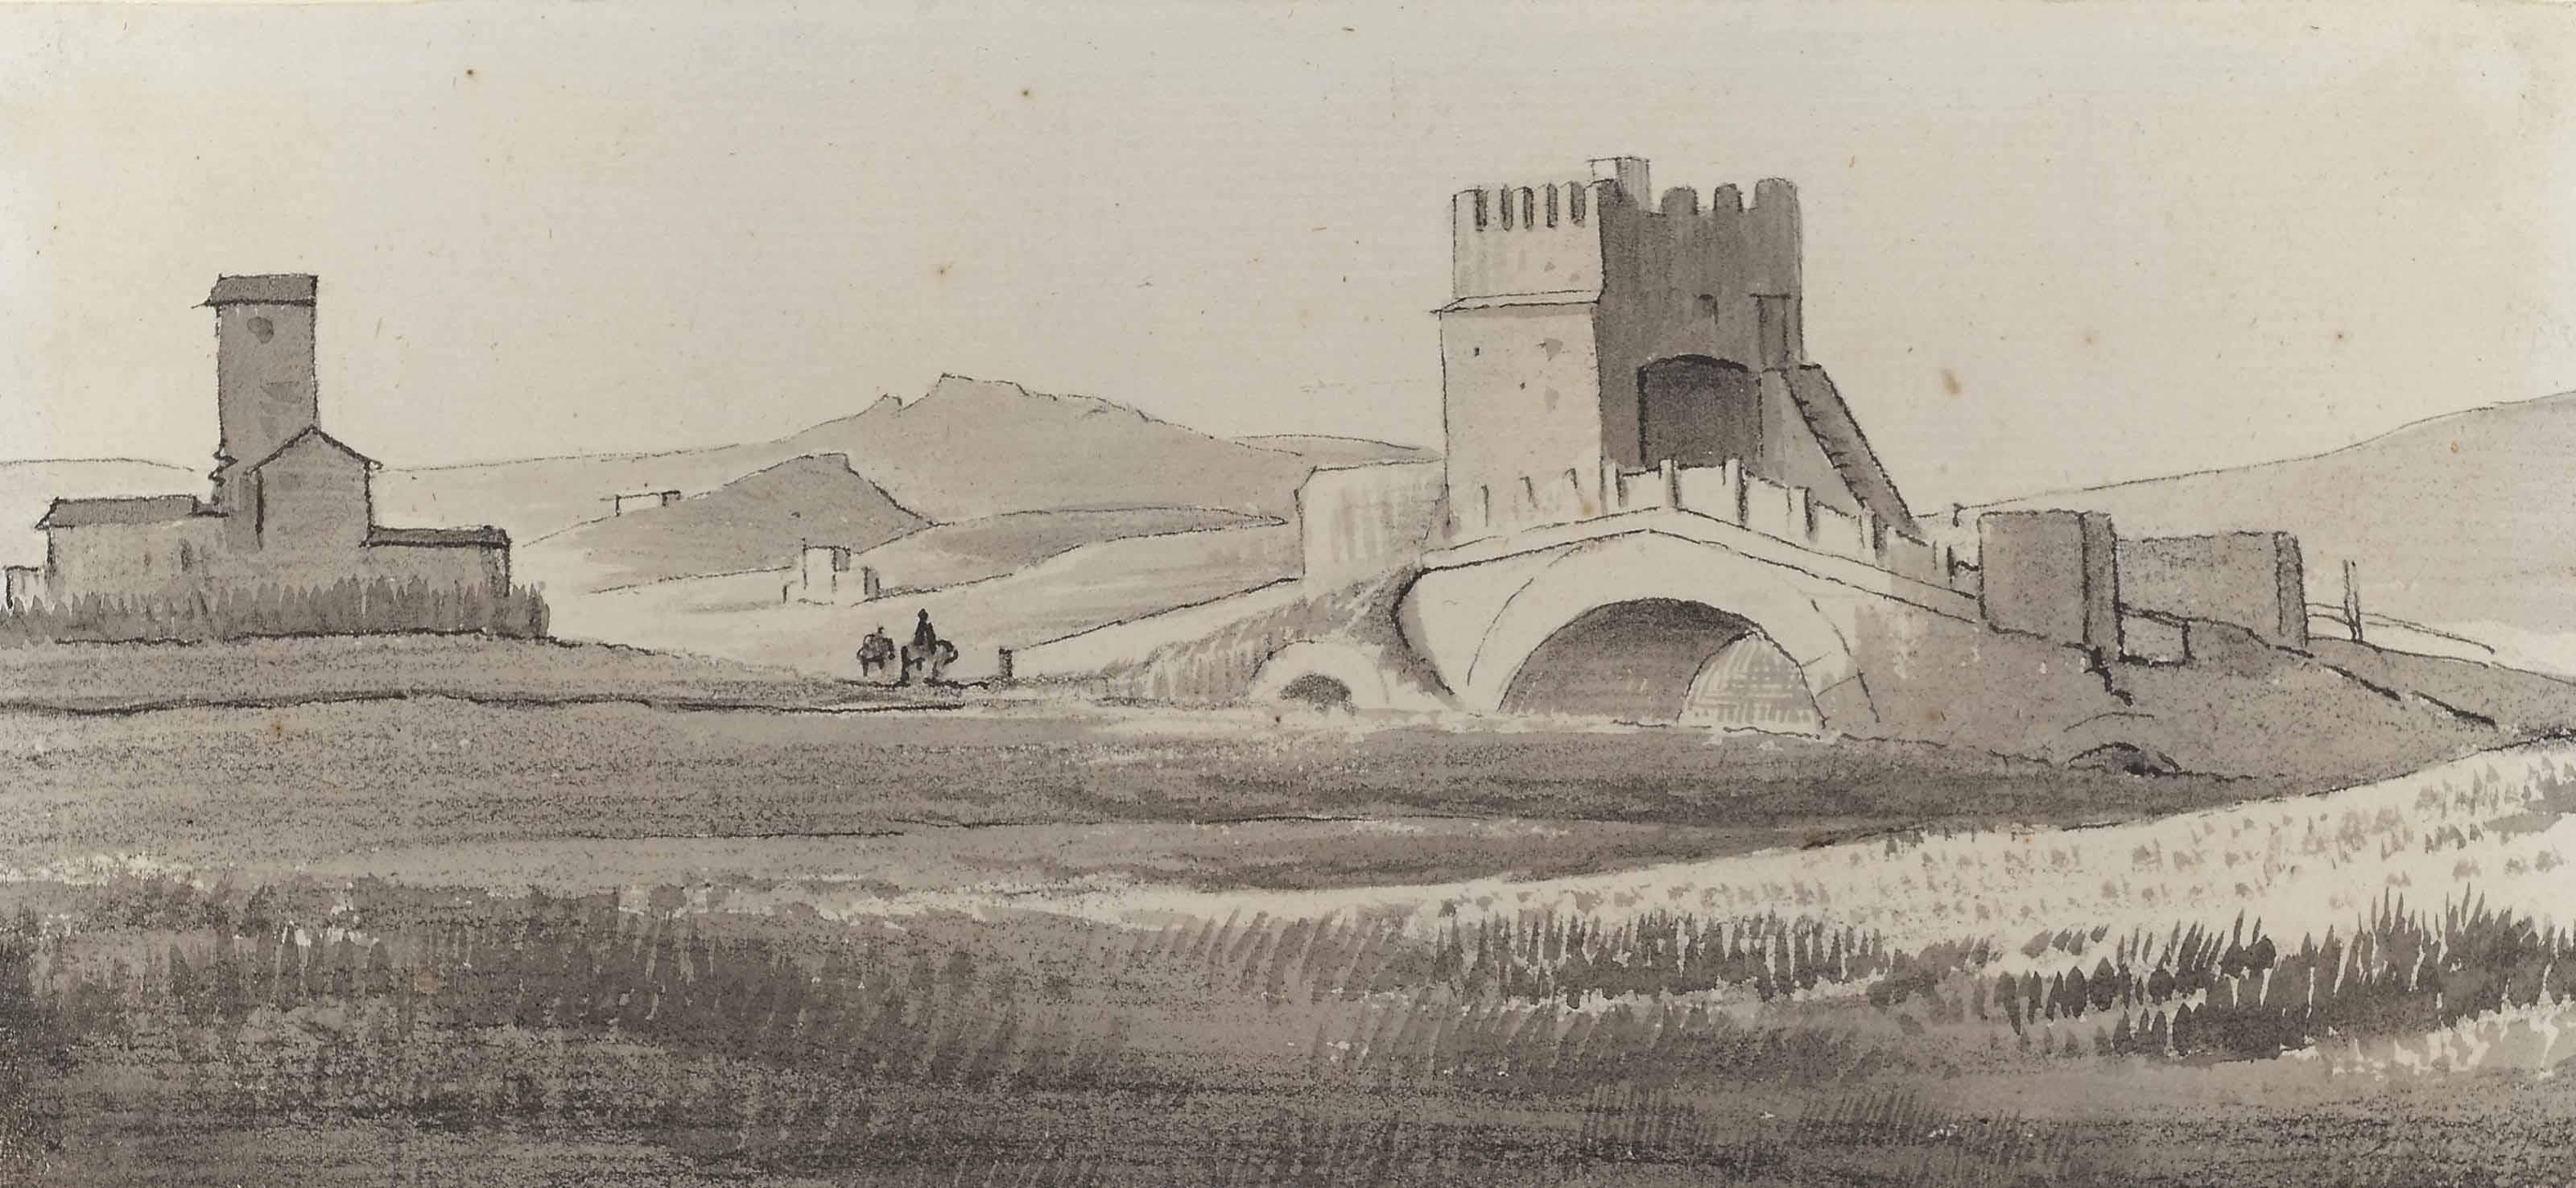 La campagne romaine avec vue sur l'aqueduc Claudien; Le Palais Chigi à Ariccia; et Le pont Milvius